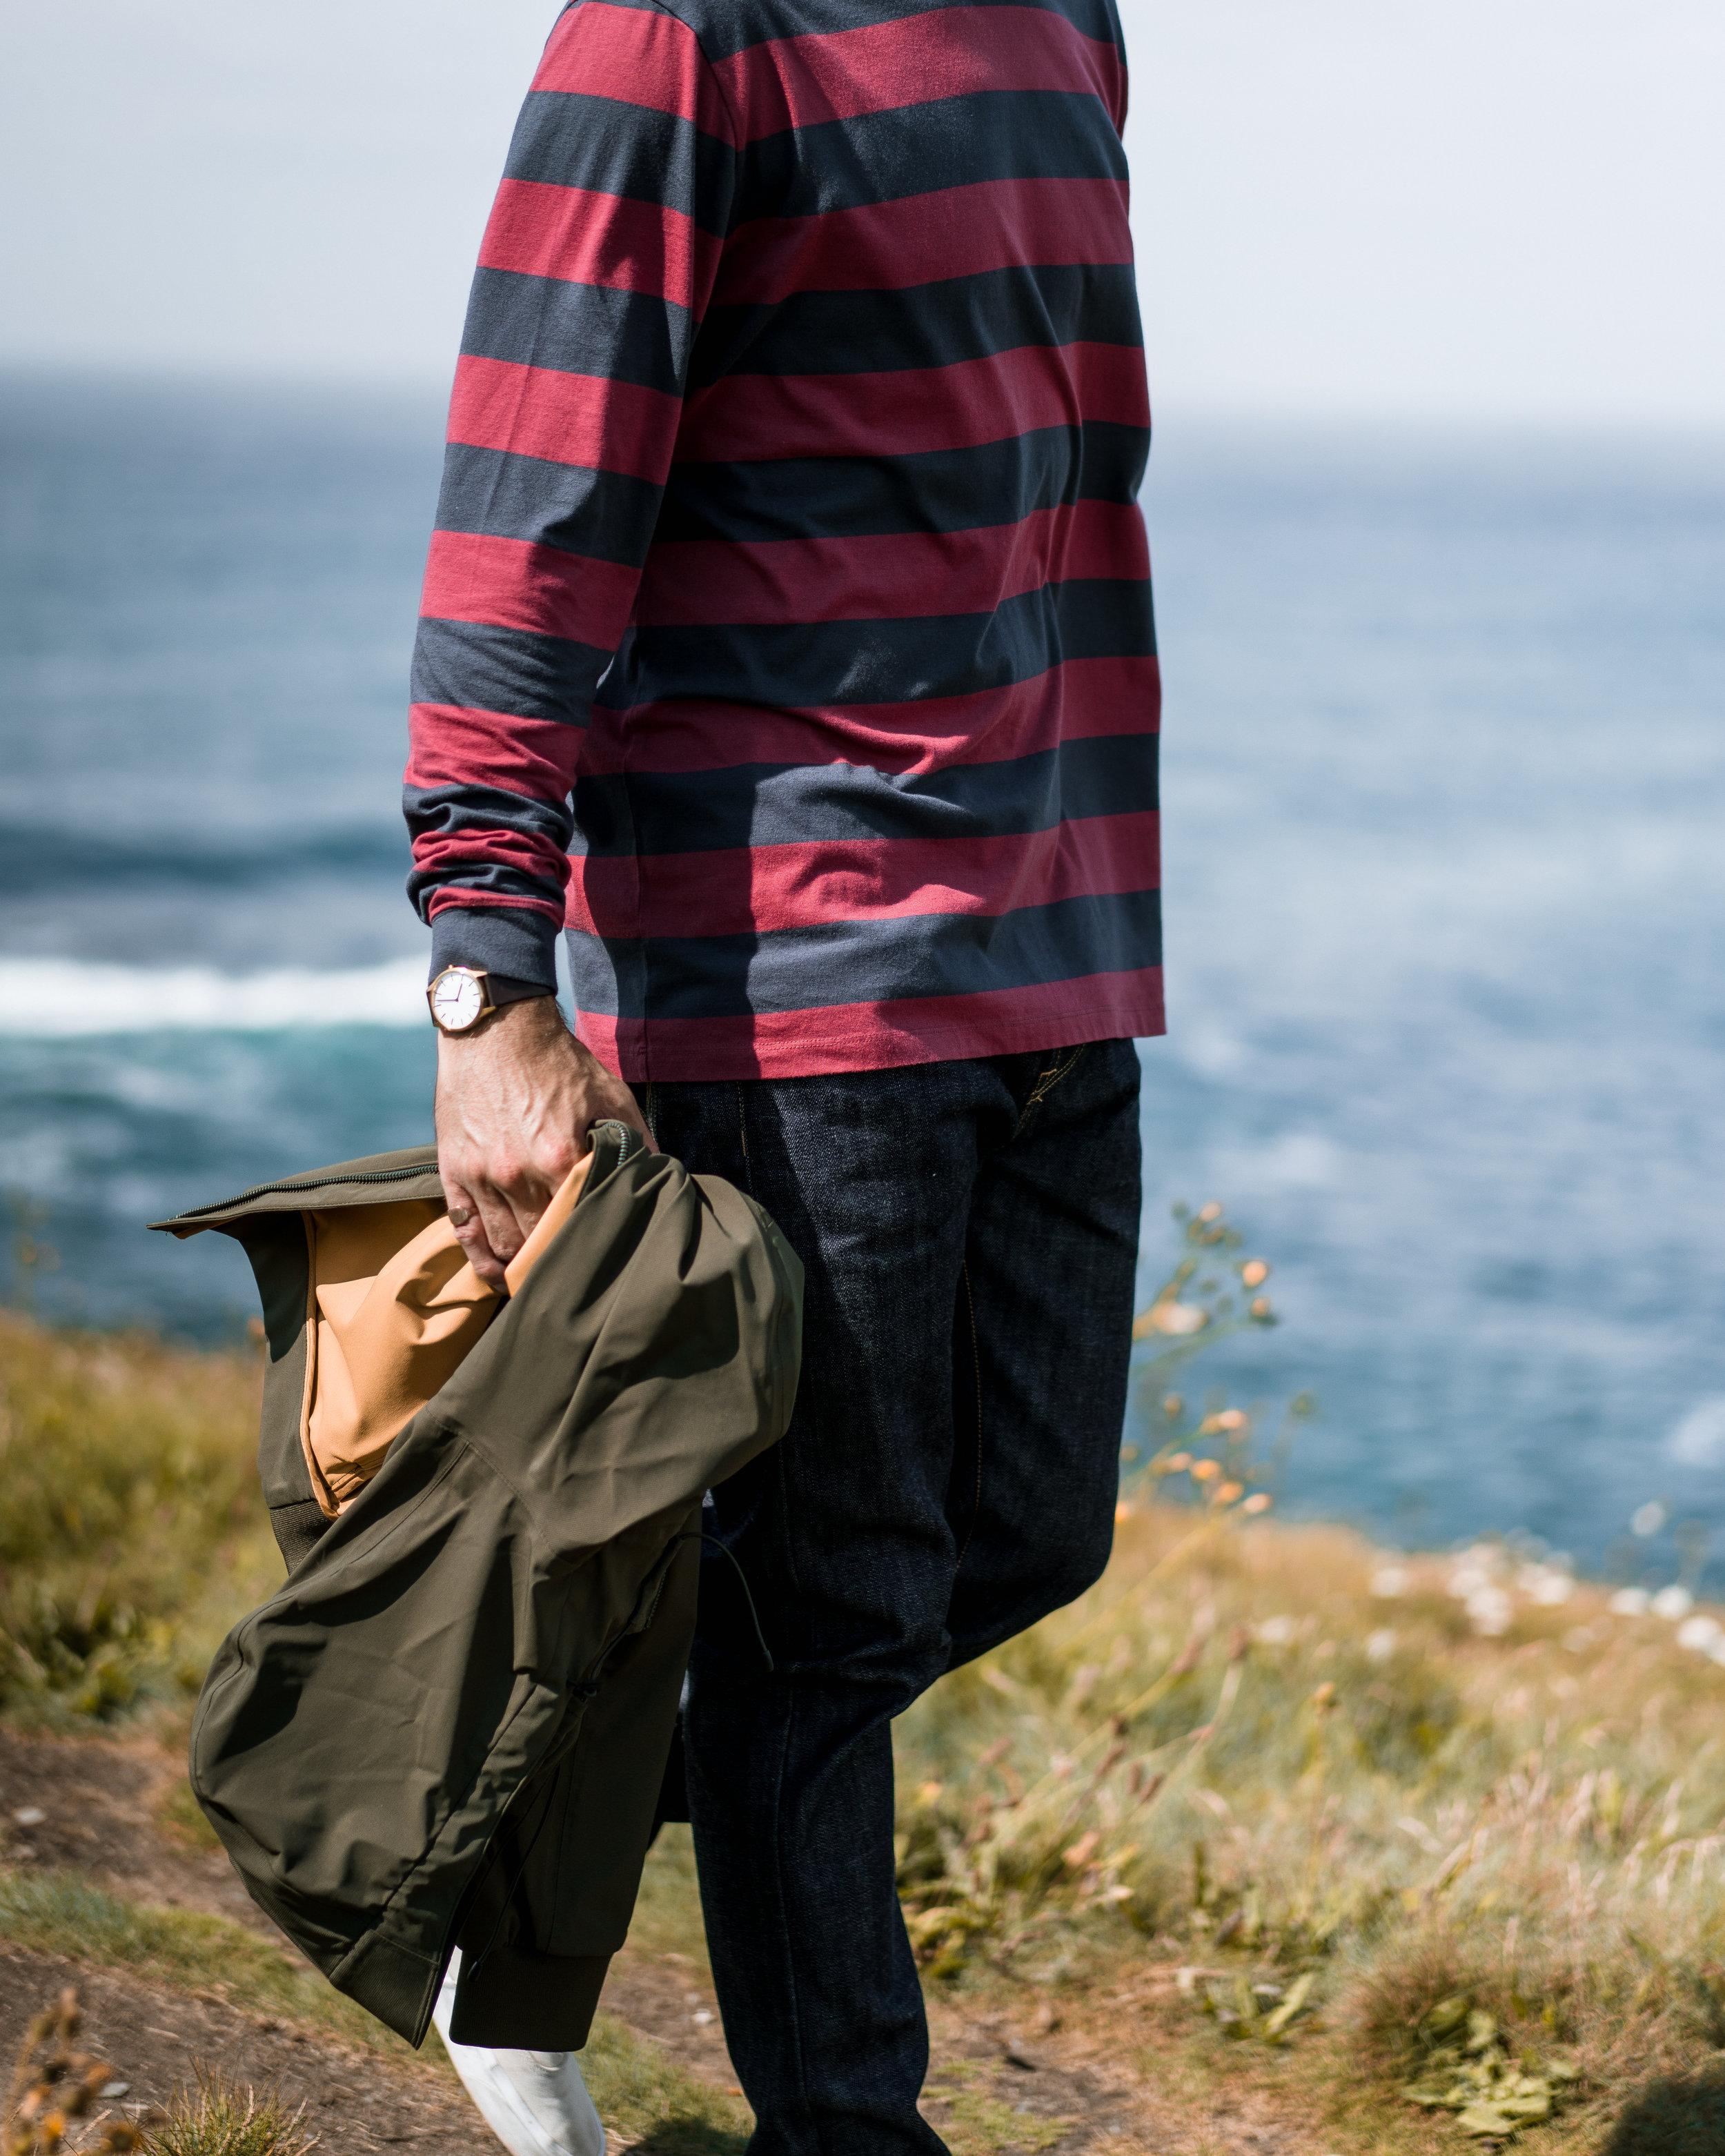 Edwin stripe walking 4x5 (1 of 1).jpg